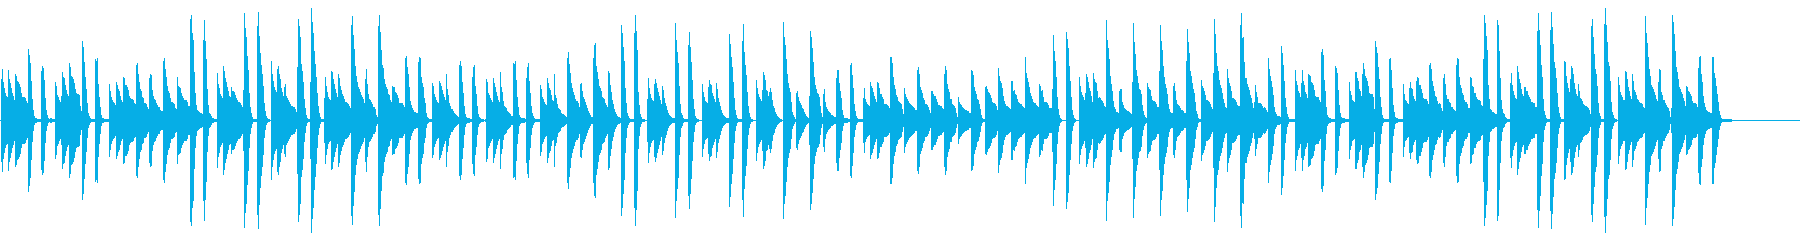 猫踏んじゃった【ピアノ】(スローテンポ)の再生済みの波形